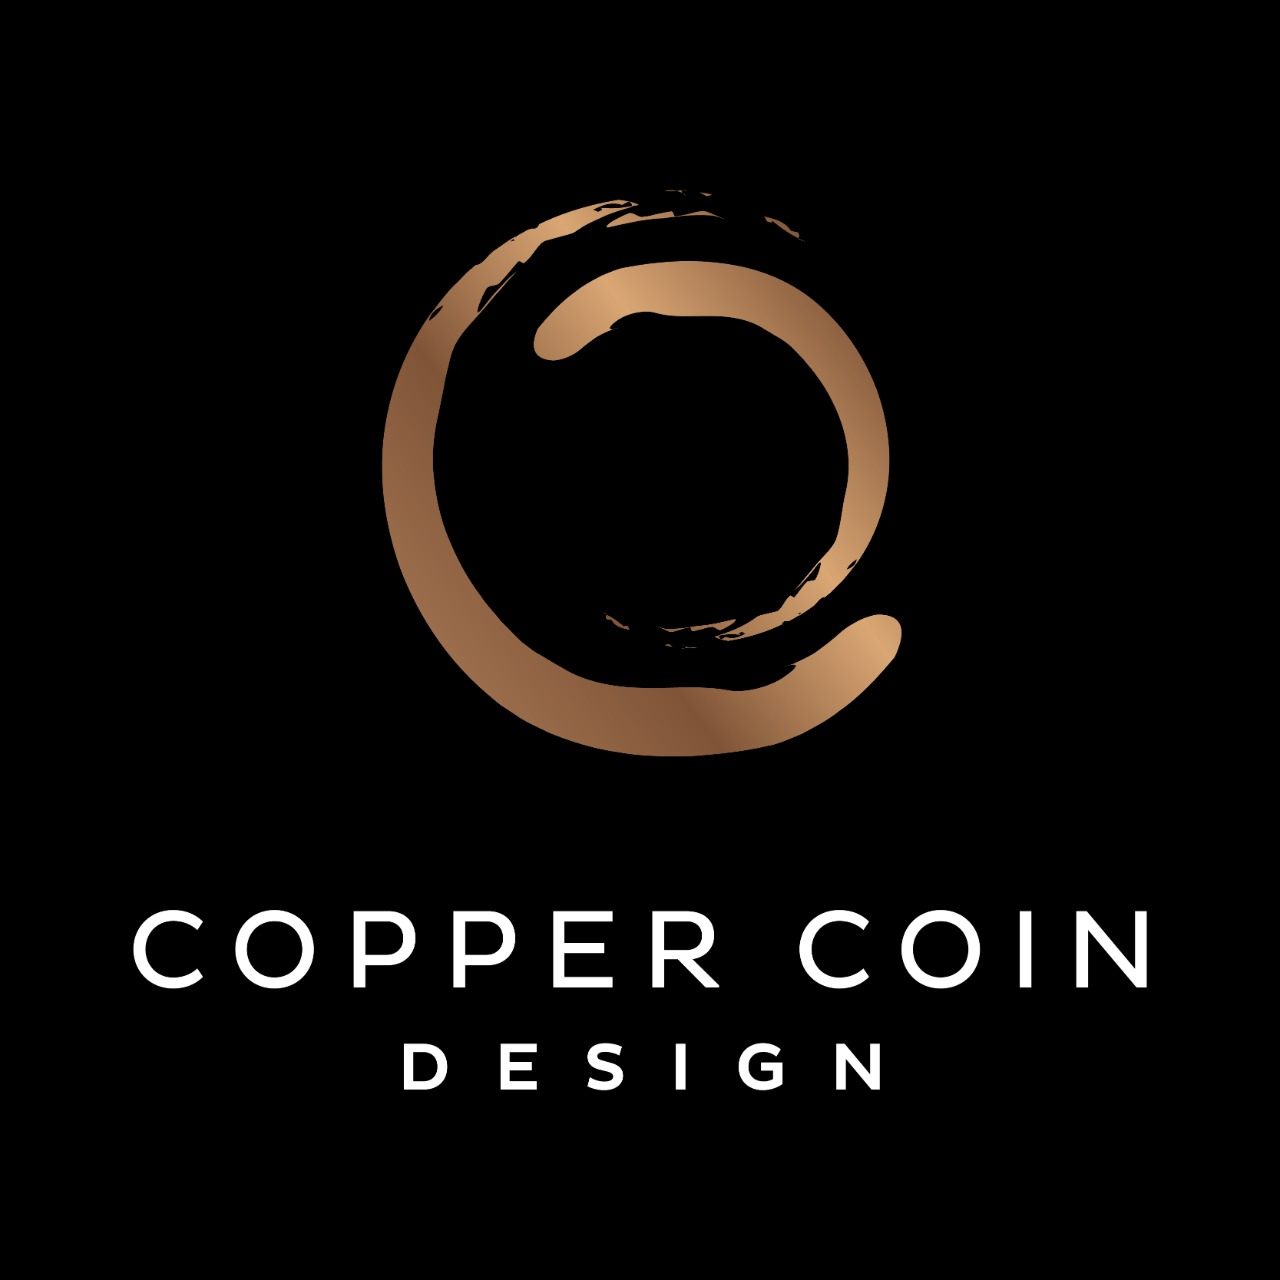 copper coin design logo